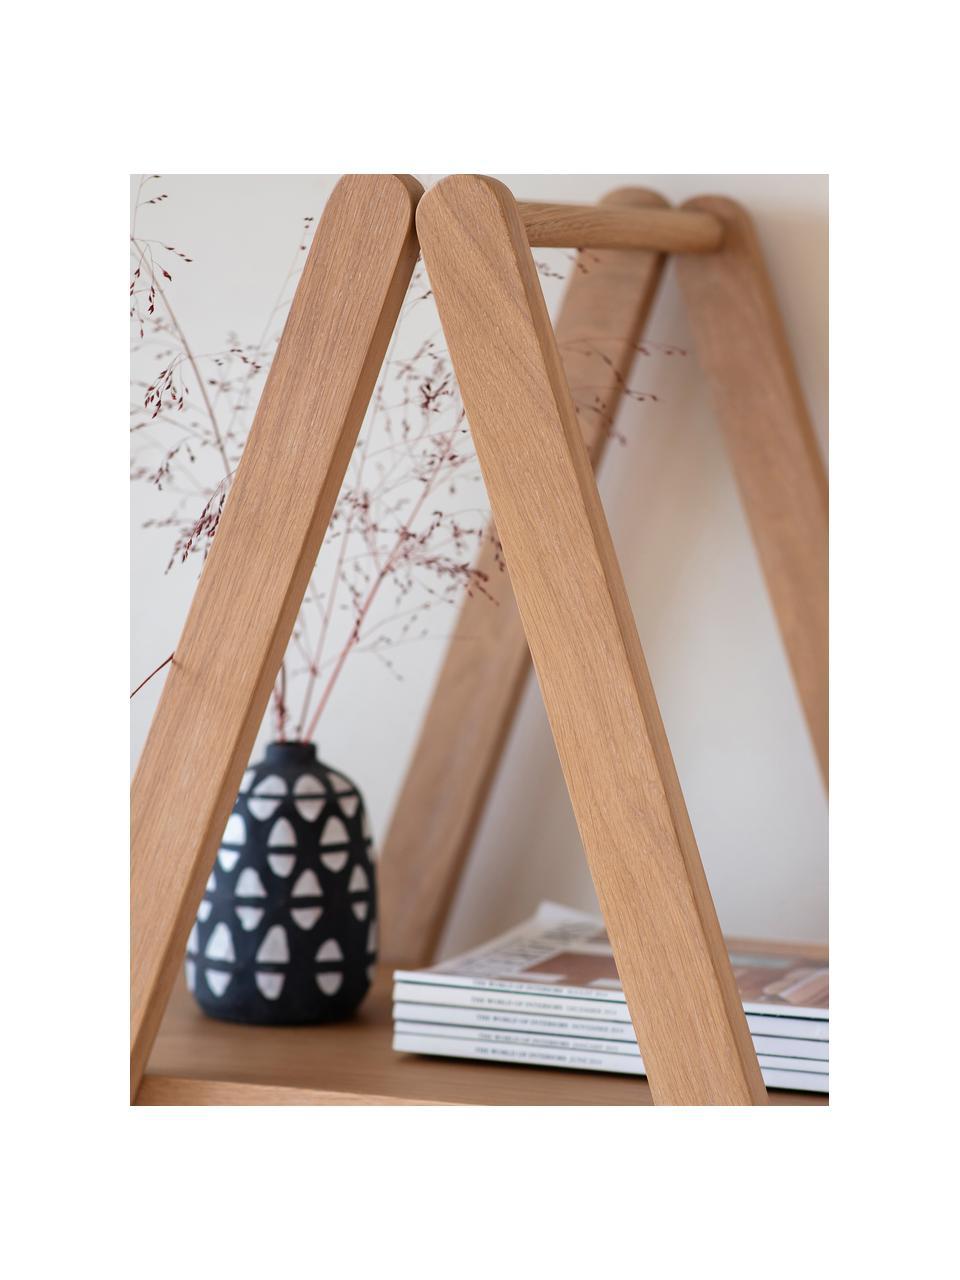 Libreria marrone chiaro Clapham, Pannello di fibra a media densità (MDF) con finitura in legno di quercia, Marrone chiaro, Larg. 120 x Alt. 175 cm